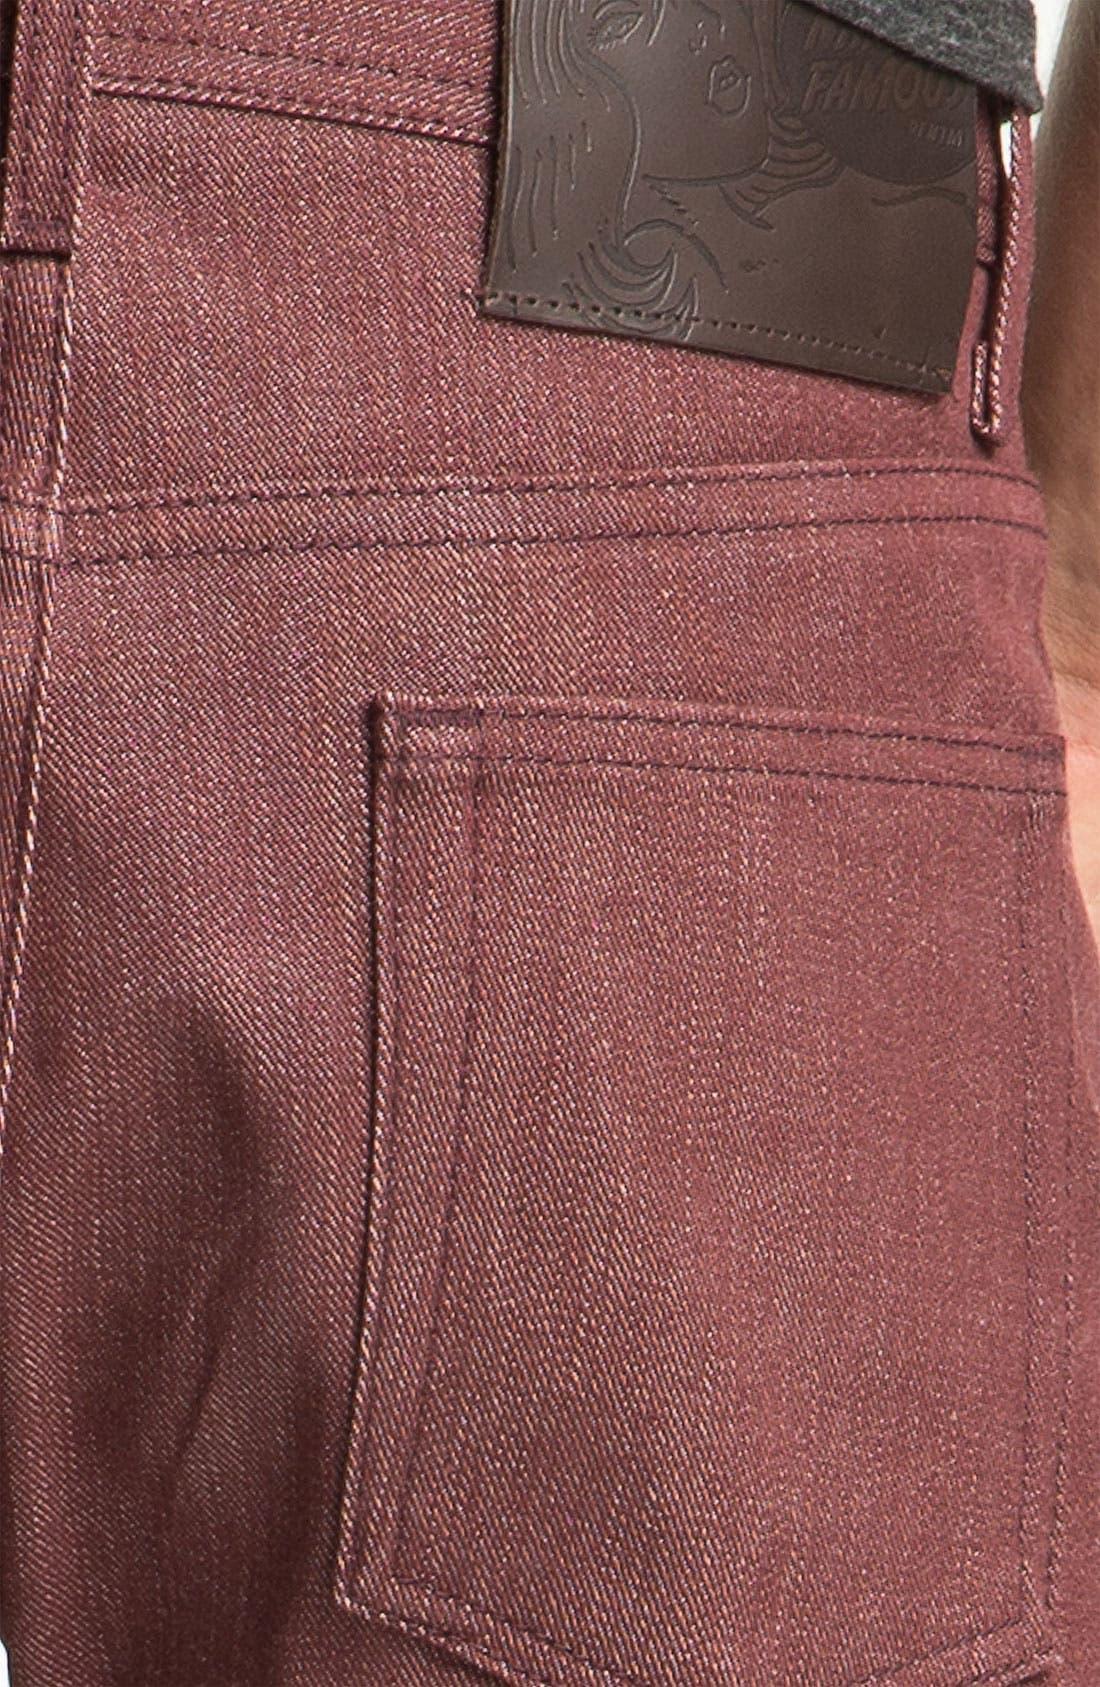 Alternate Image 4  - Naked & Famous Denim 'Weird Guy' Slim Tapered Leg Selvedge Jeans (Pomegranate Red)